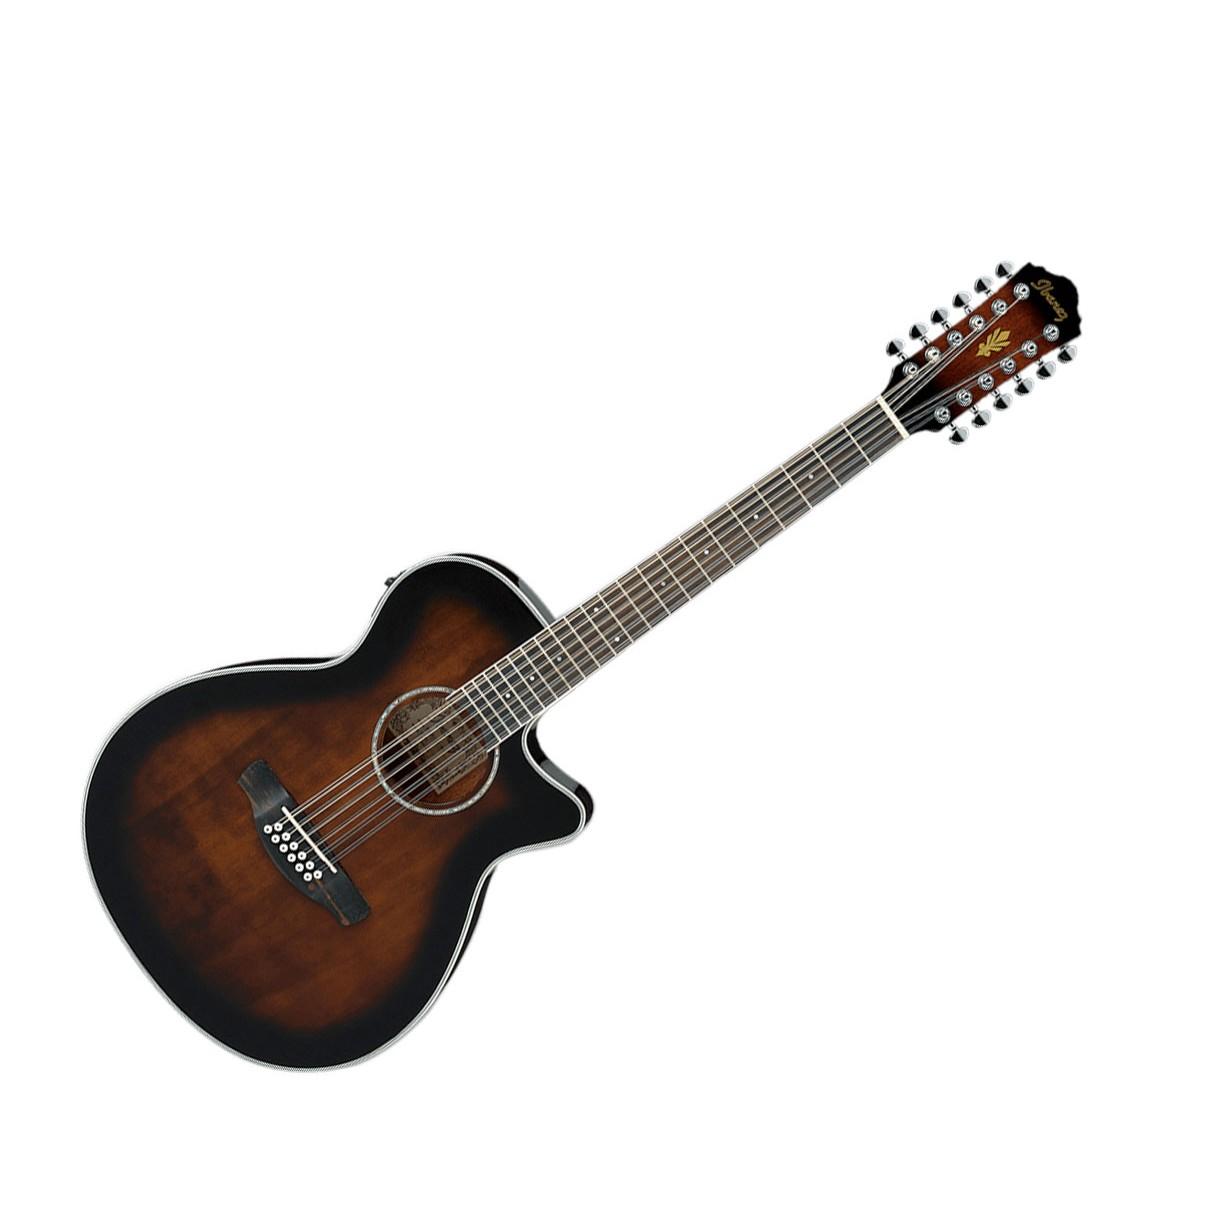 ibanez aeg1812ii dvs 12 string acoustic electric guitar dark violin sunburst. Black Bedroom Furniture Sets. Home Design Ideas